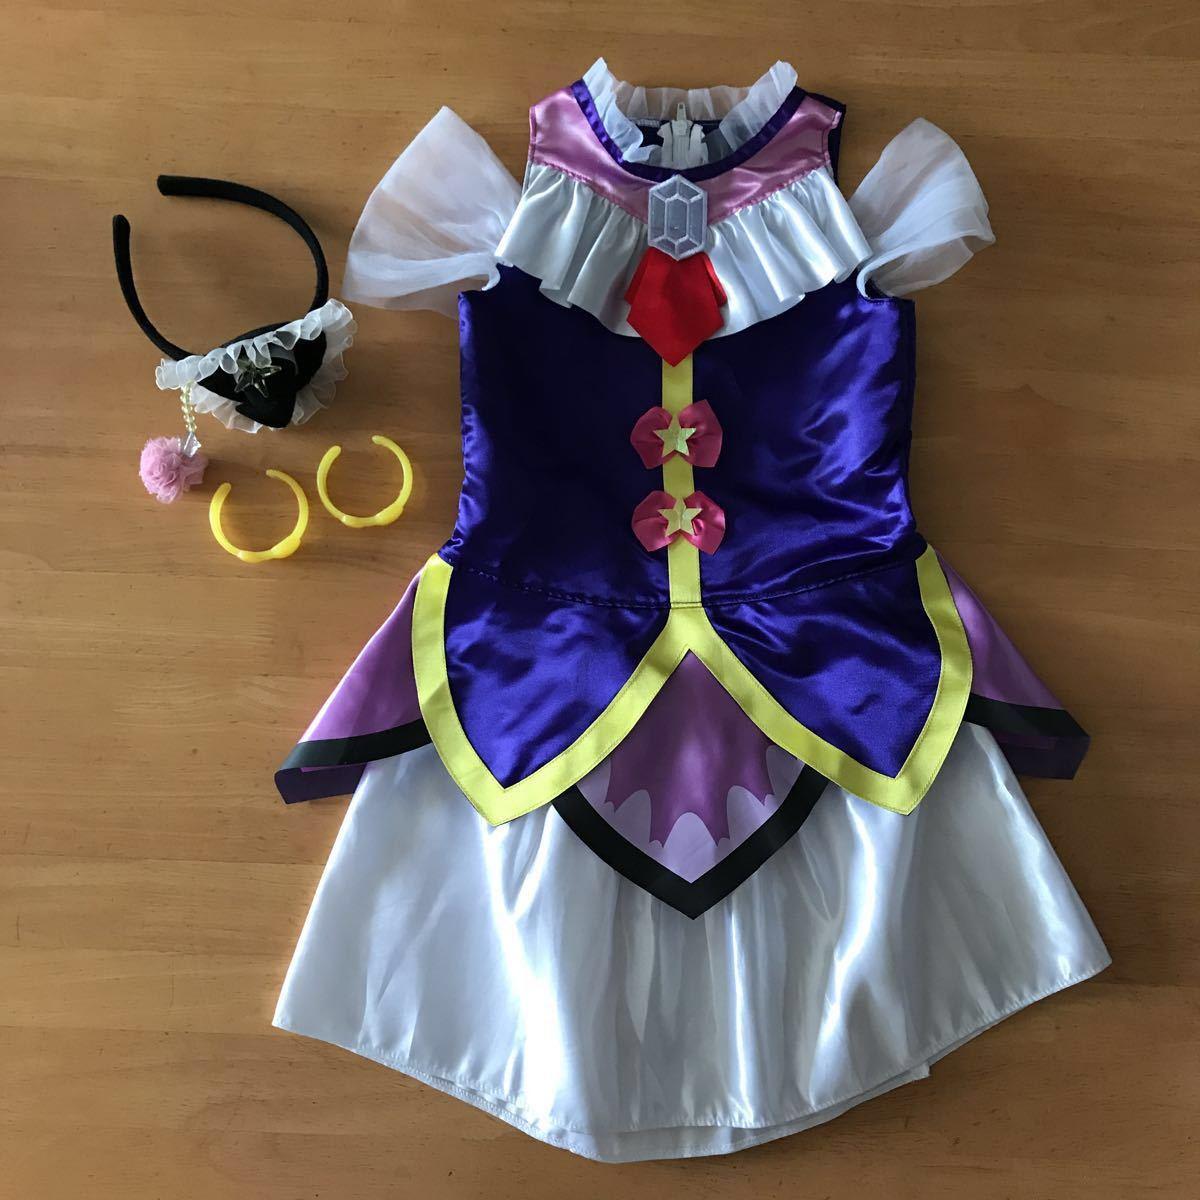 120センチ ☆魔法使い プリキュア ☆ 変身 衣裳